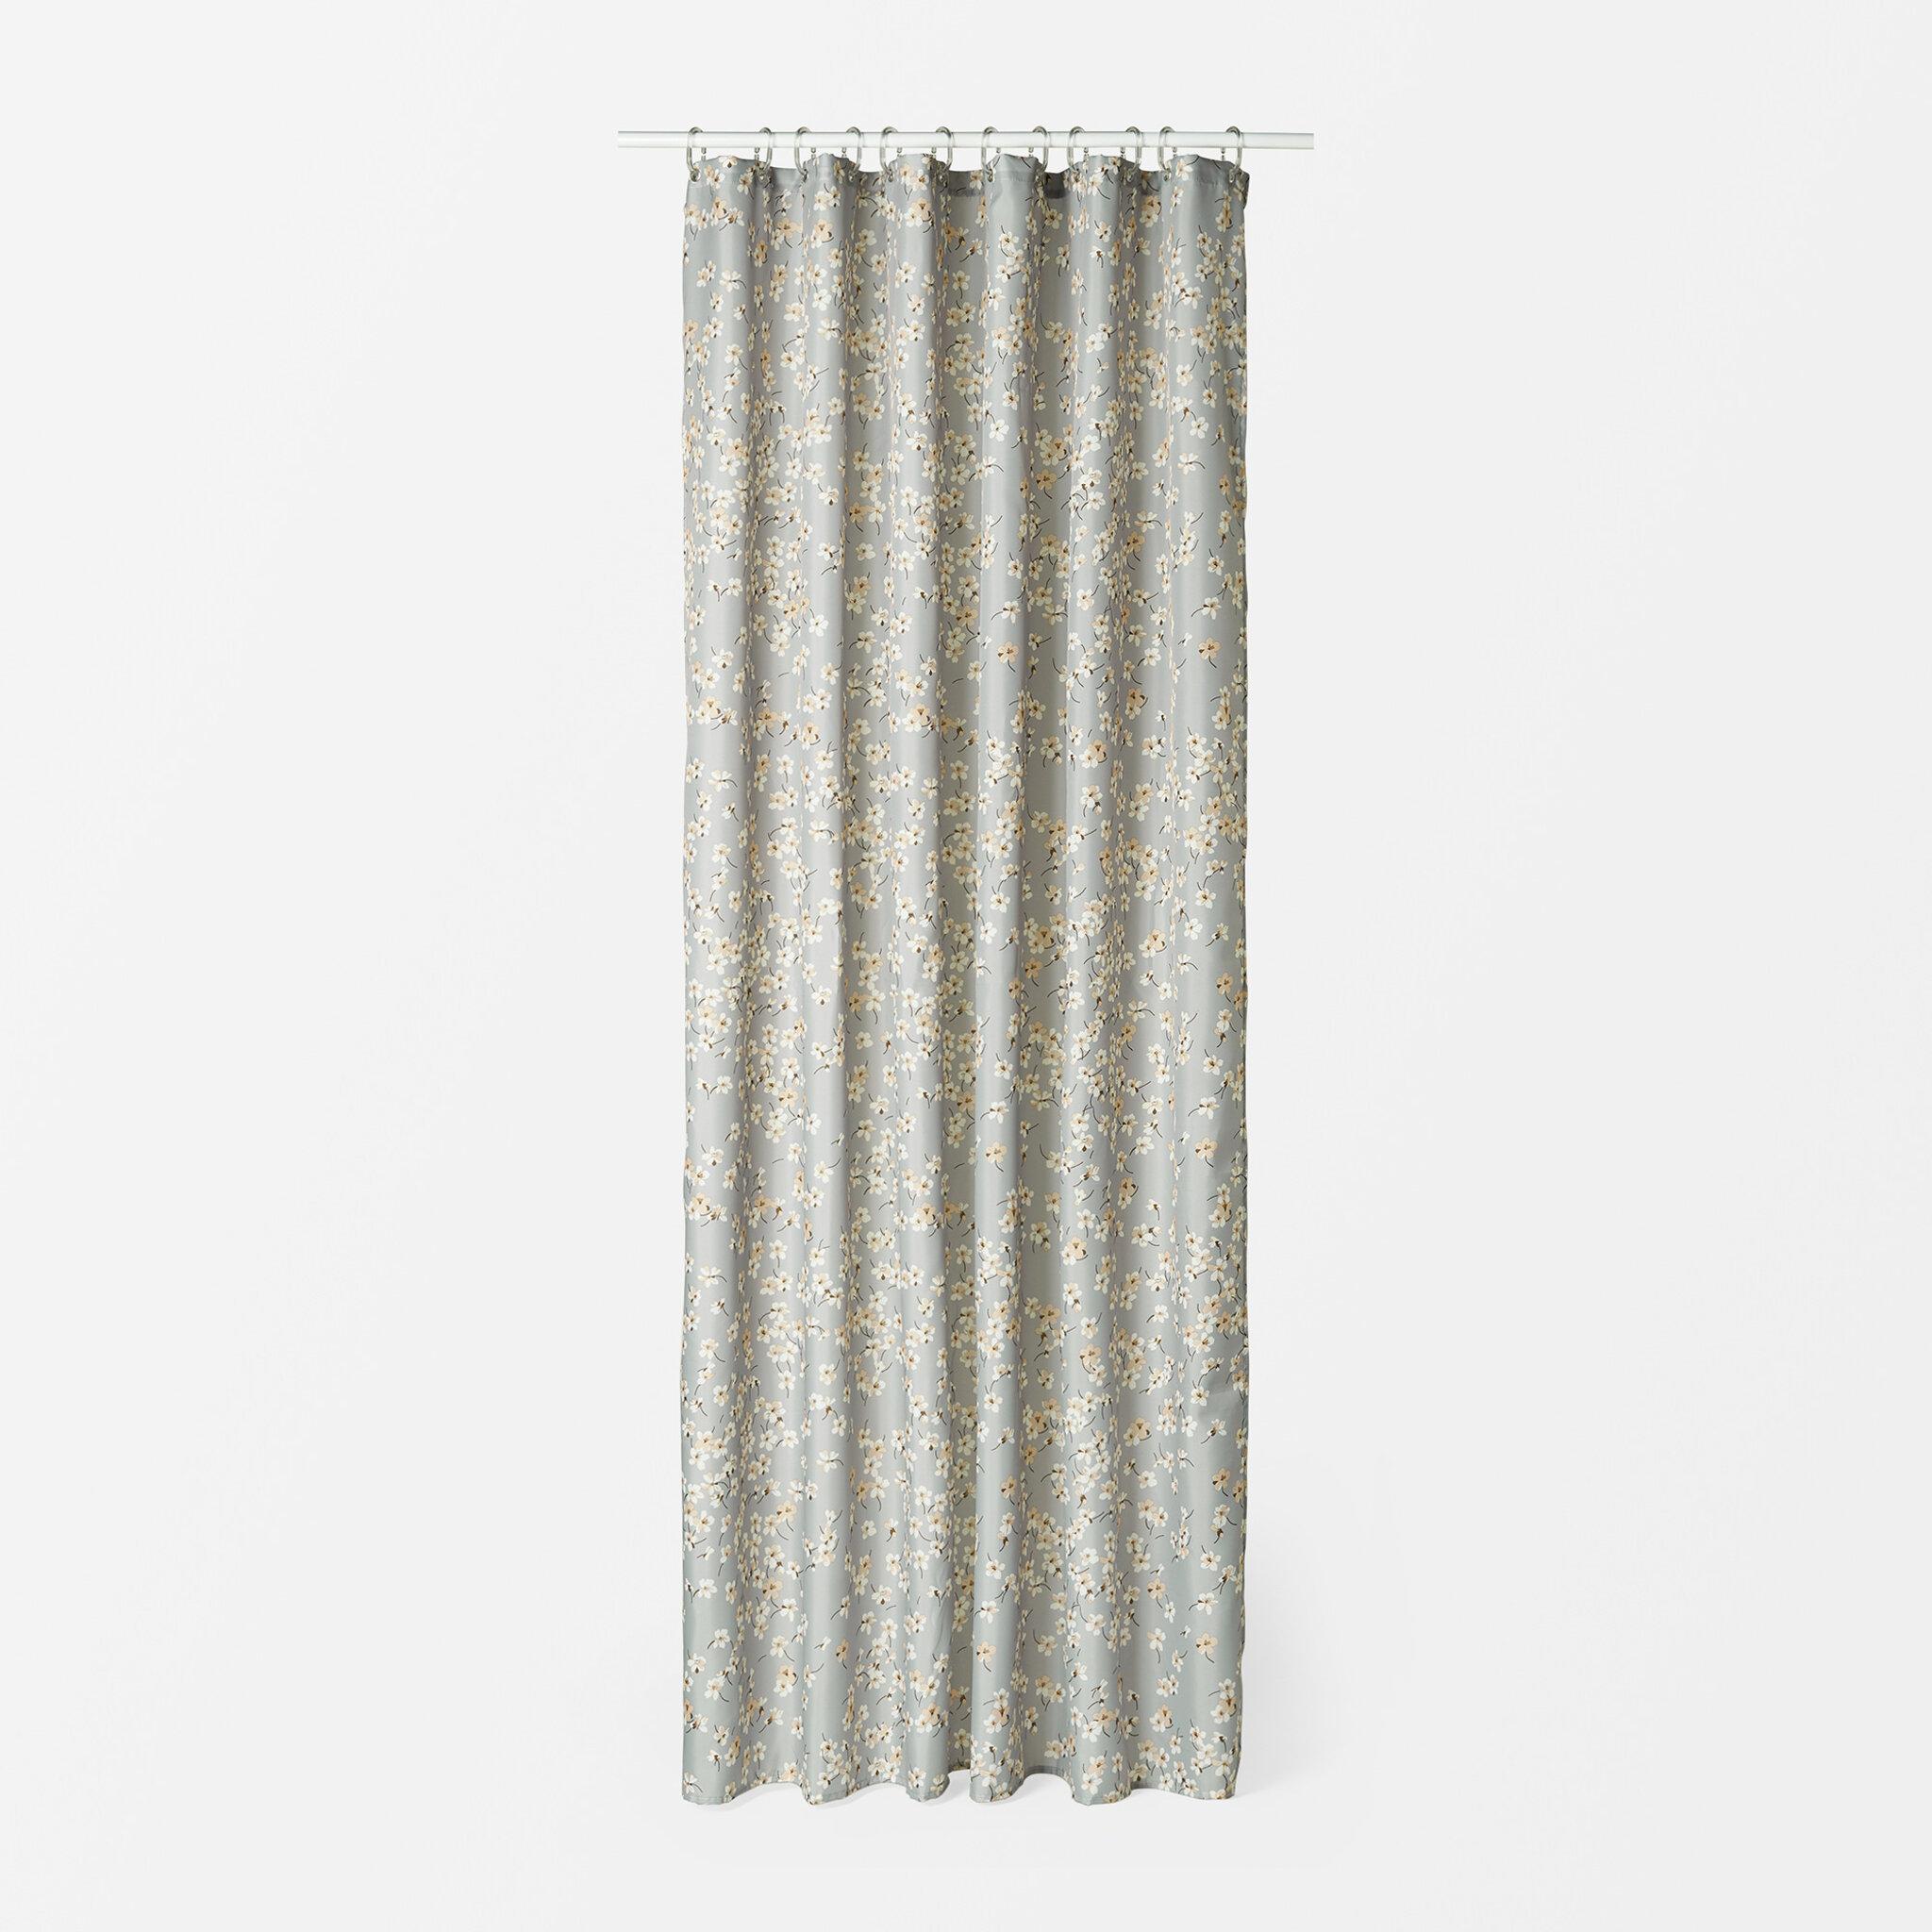 Duschdraperi VIOL 180x200 cm